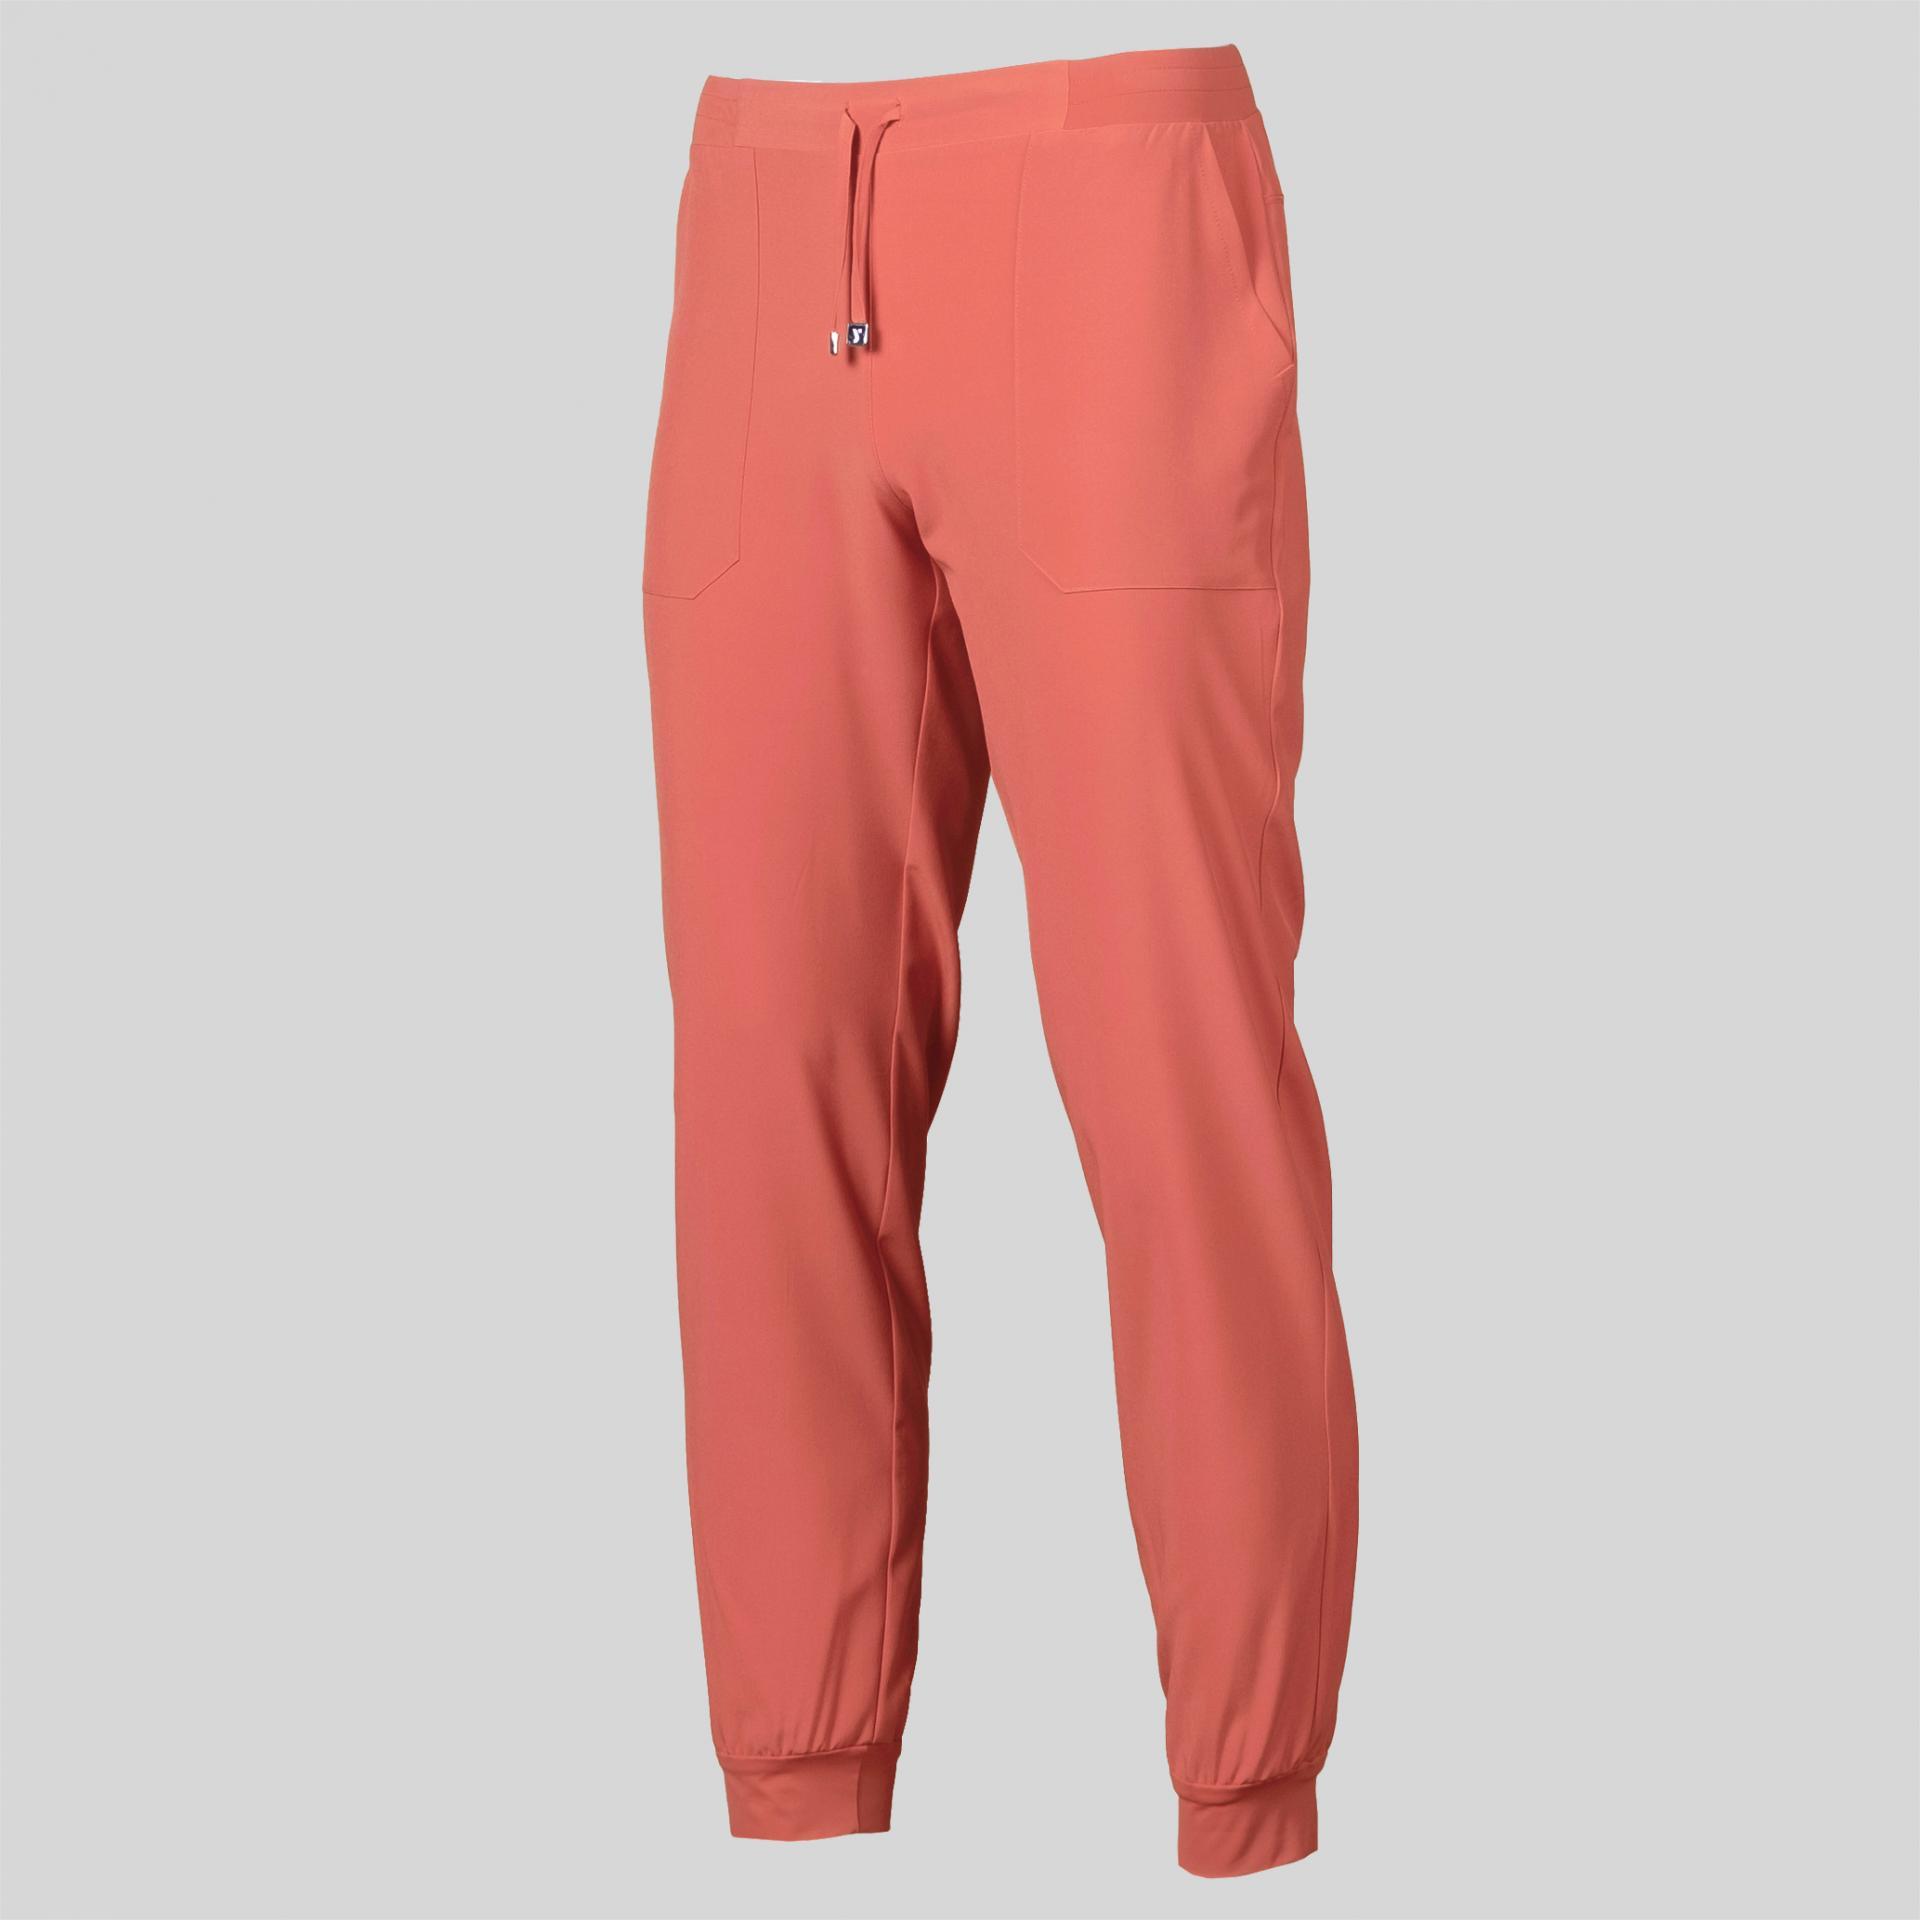 Pantalón Unisex Jogger